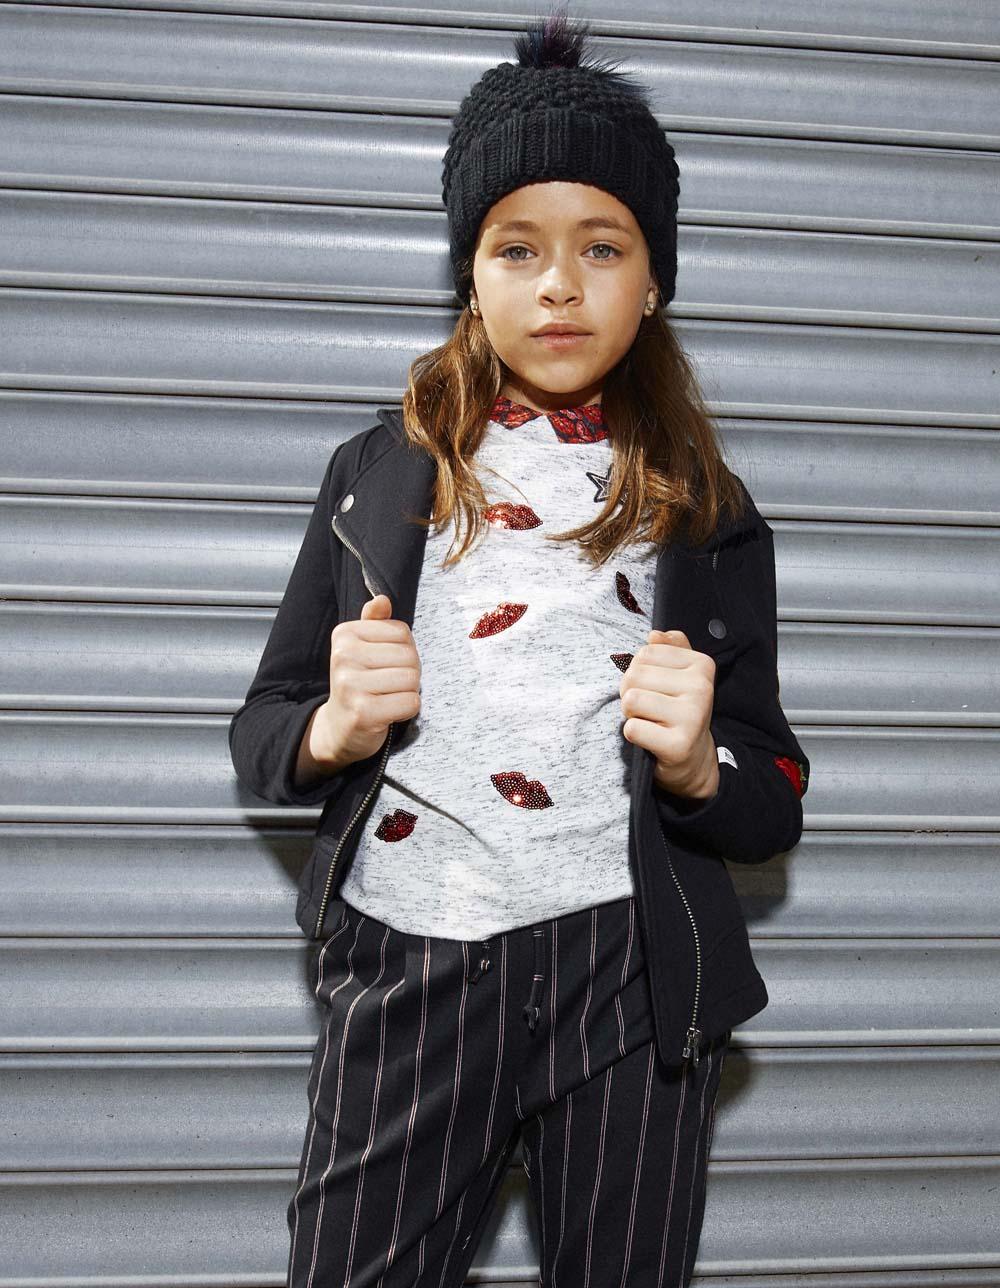 retour winter, retour jeans 2018-2019, stoere meidenkleding , winterkleding meisjes, retour kinderkleding online shop